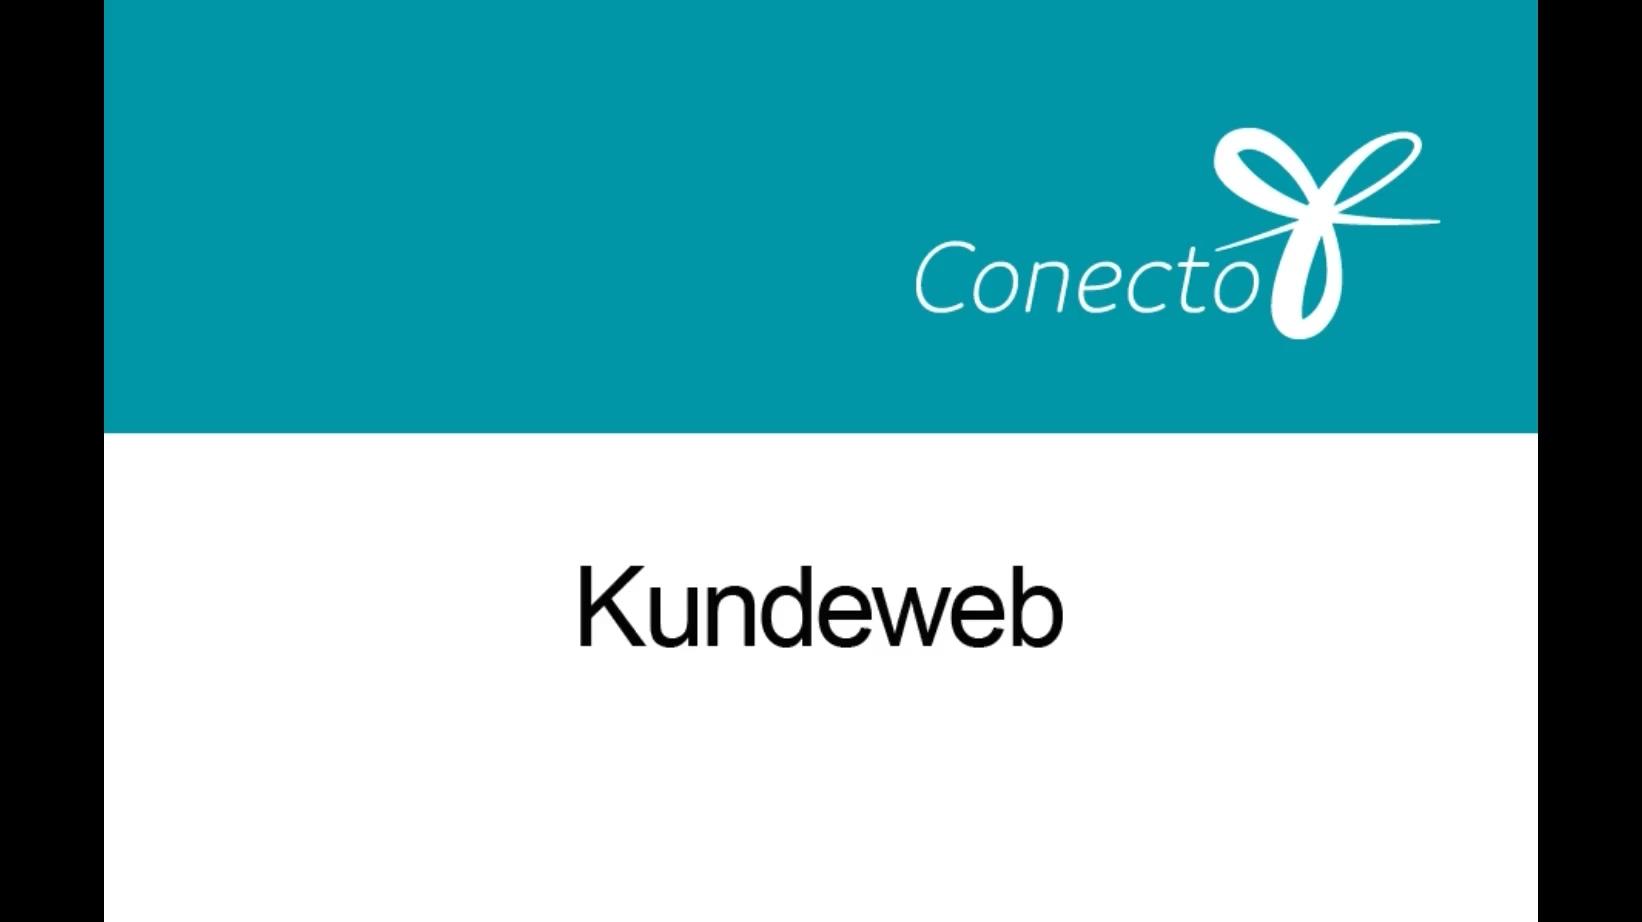 conecto_kundeweb